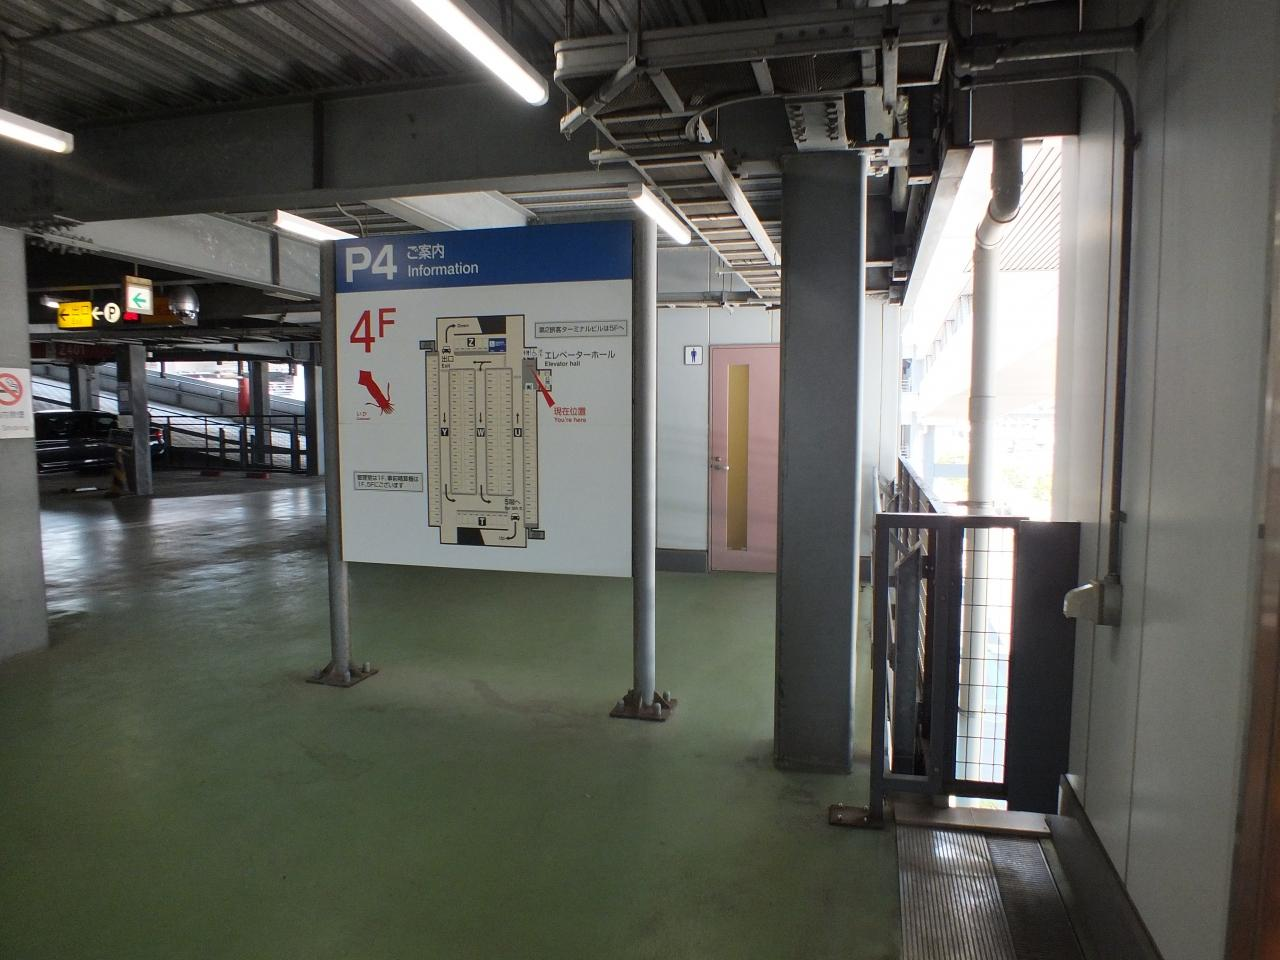 羽田 空港 p4 駐 車場 TOP 羽田空港P4駐車場予約サービス 日本空港ビルデング株式会社